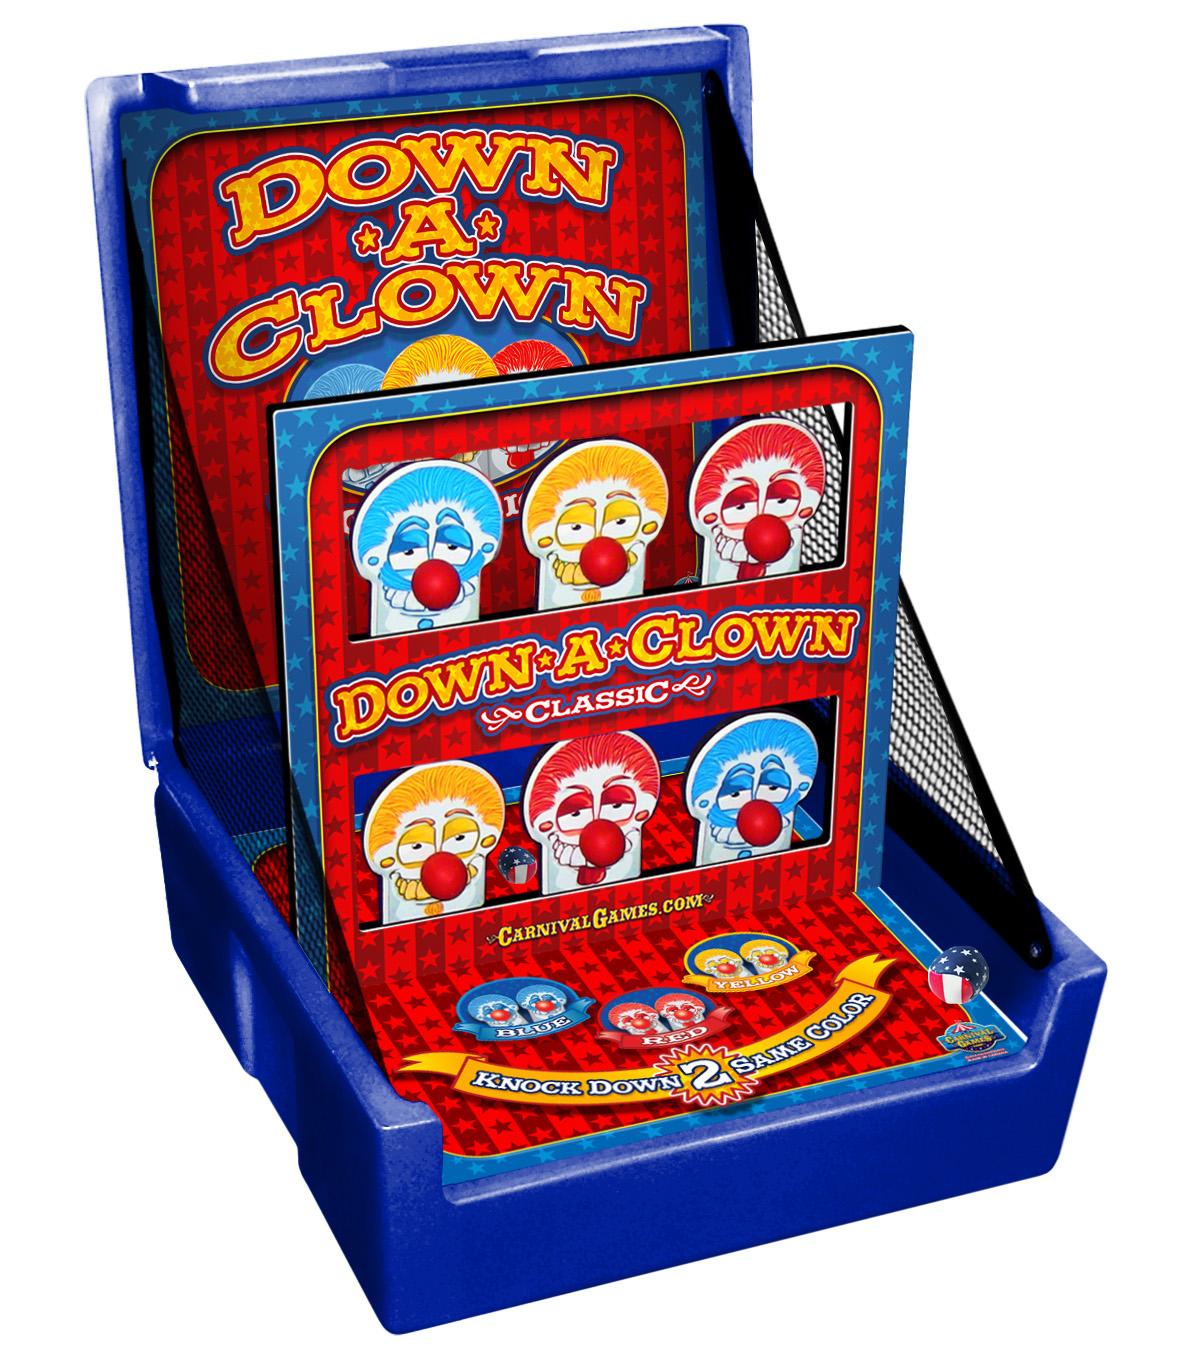 Down a Clown